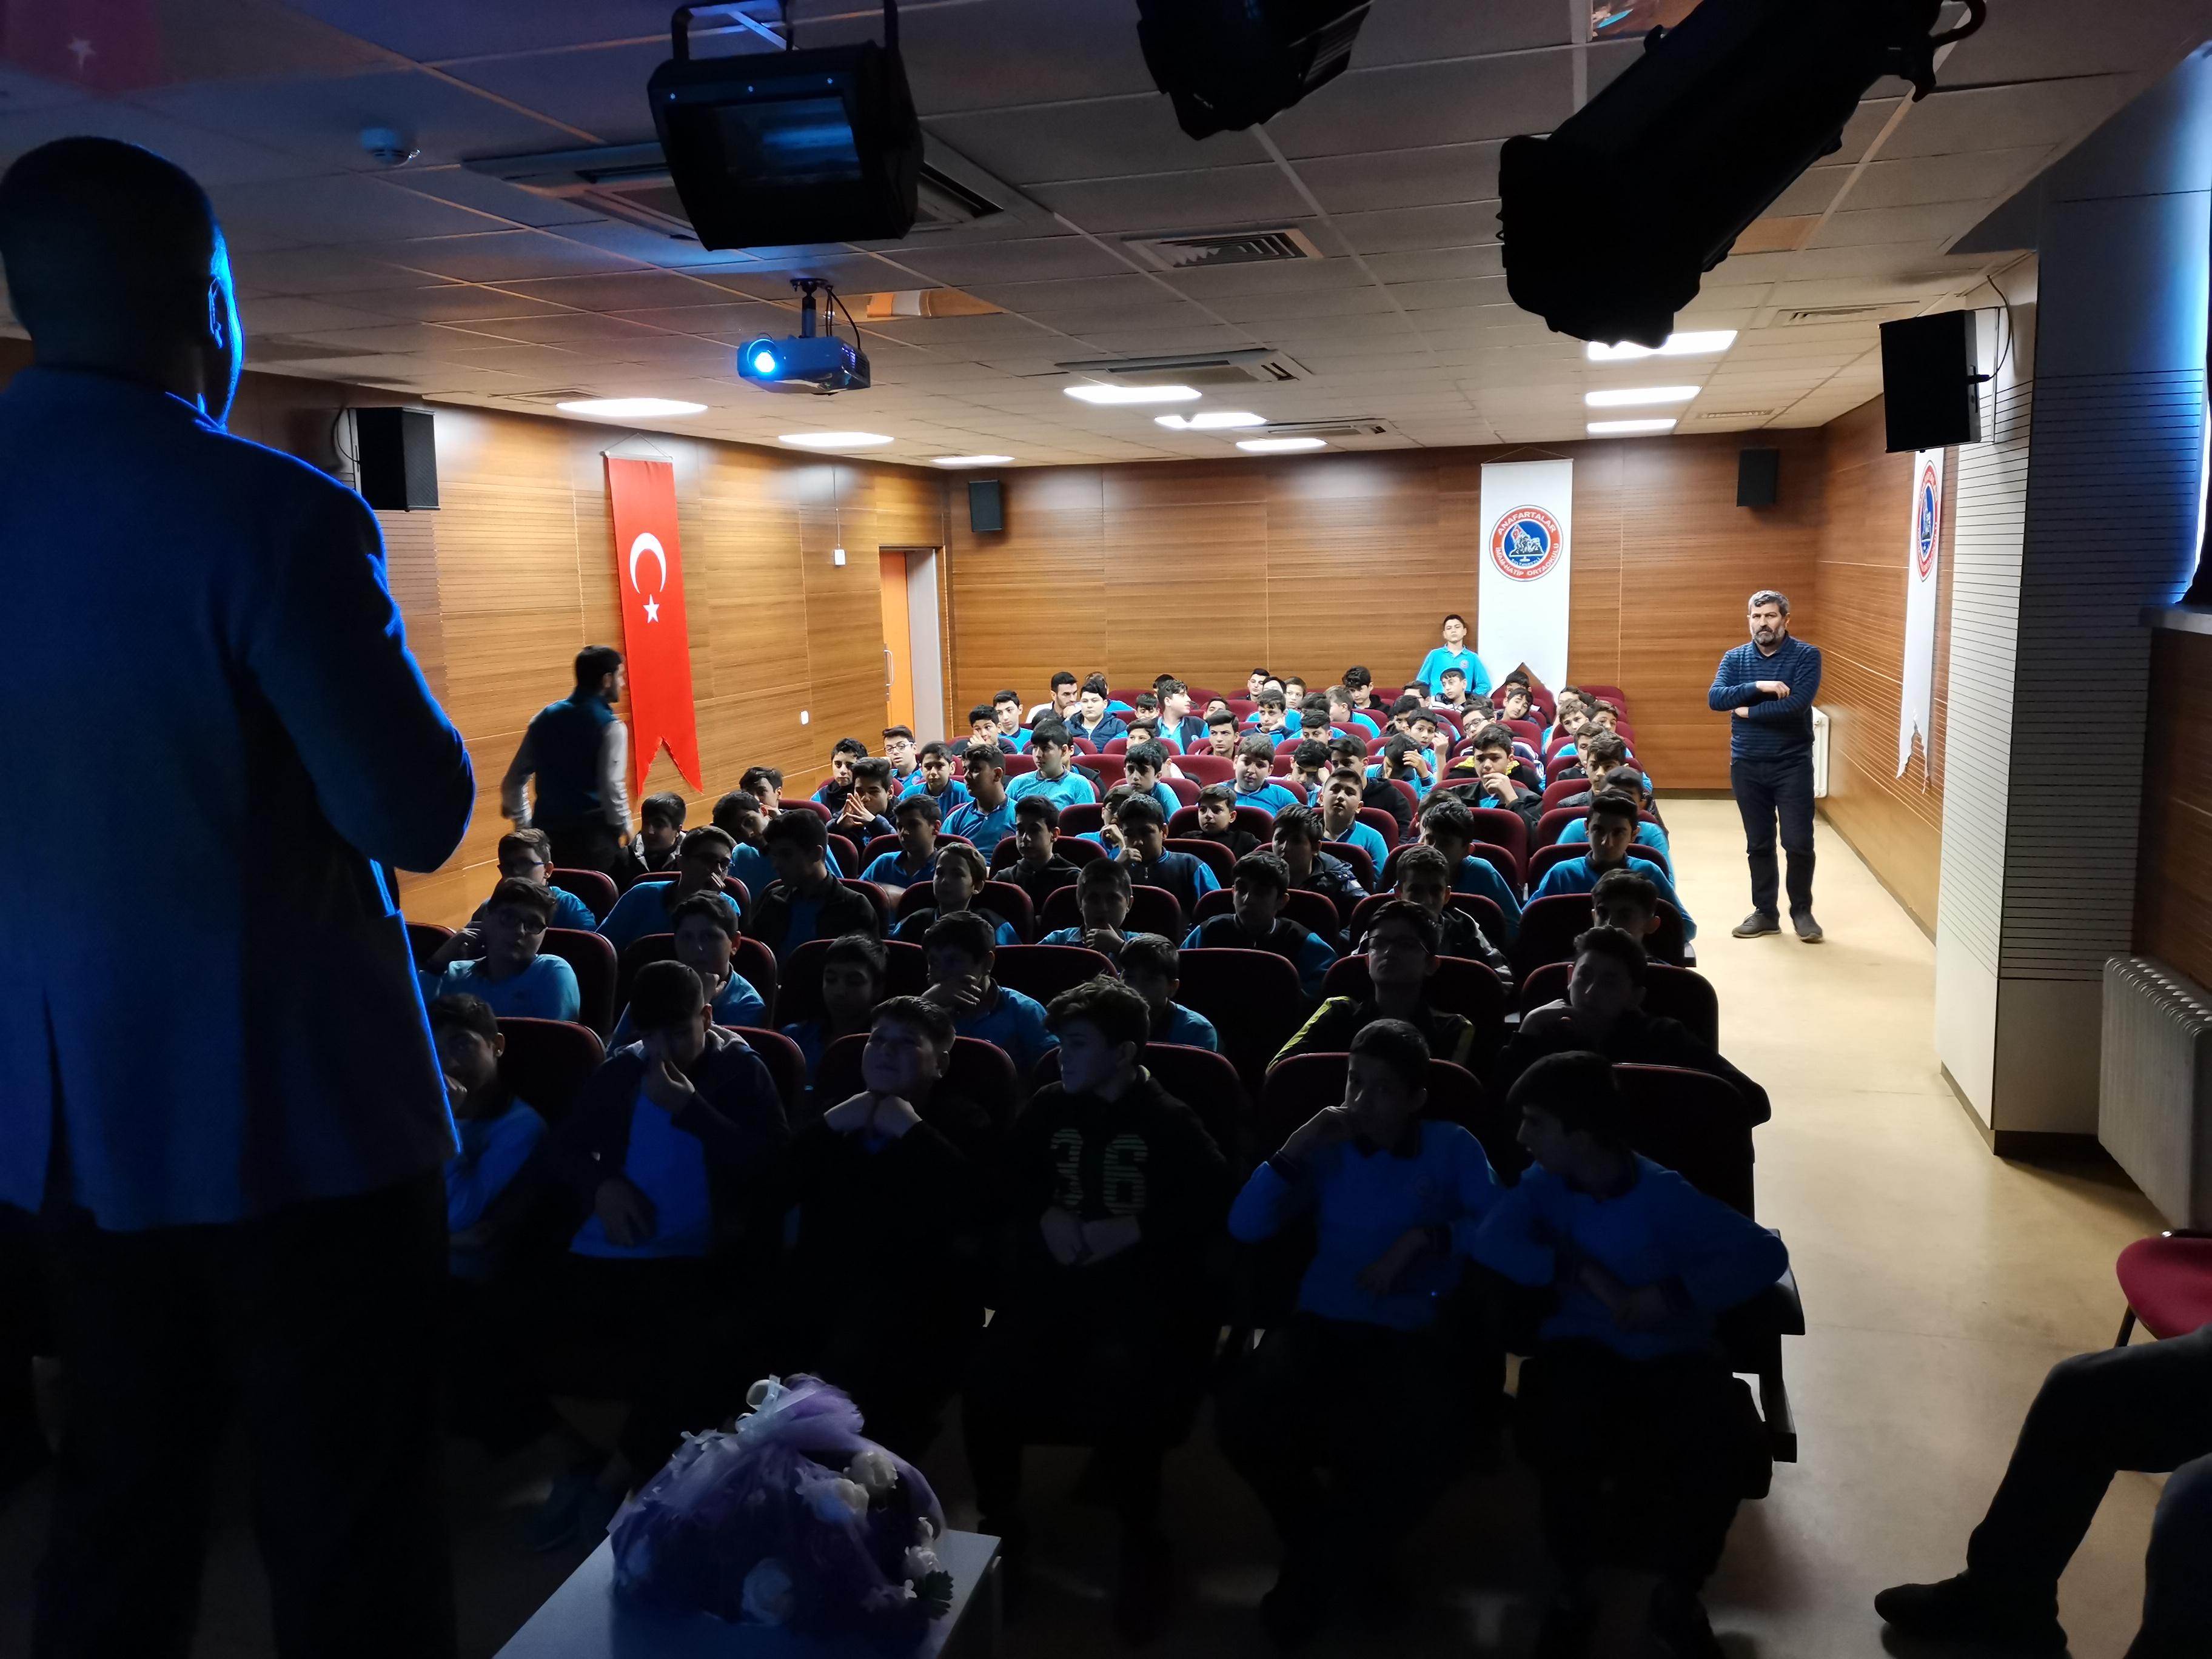 İstanbul Sultanbeyli Anafartalar İmam-Hatip Ortaokulunda, Bilinçli ve Güvenli İnternet Semineri